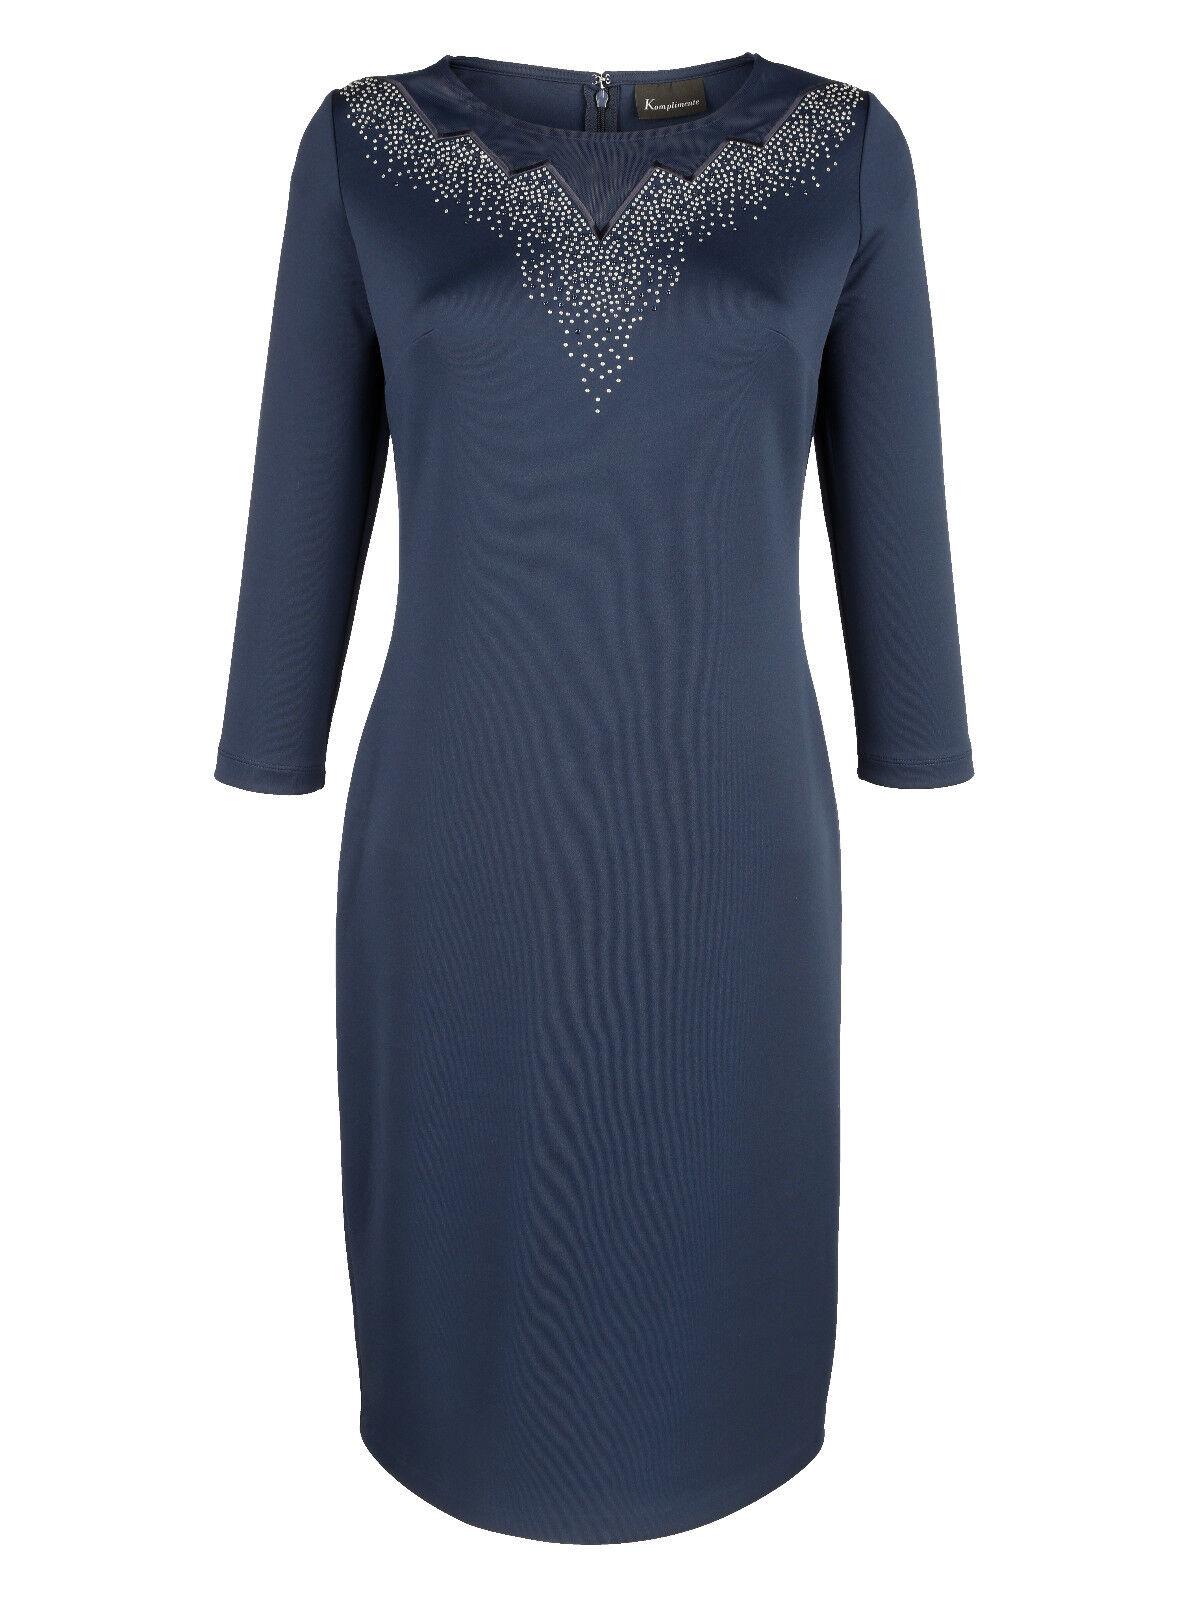 Jersey Jersey Jersey Kleid nacht-blue Strasssteine Gr. 46, Gr. 48, Gr. 50, 52, 54 0518276766 ab1010